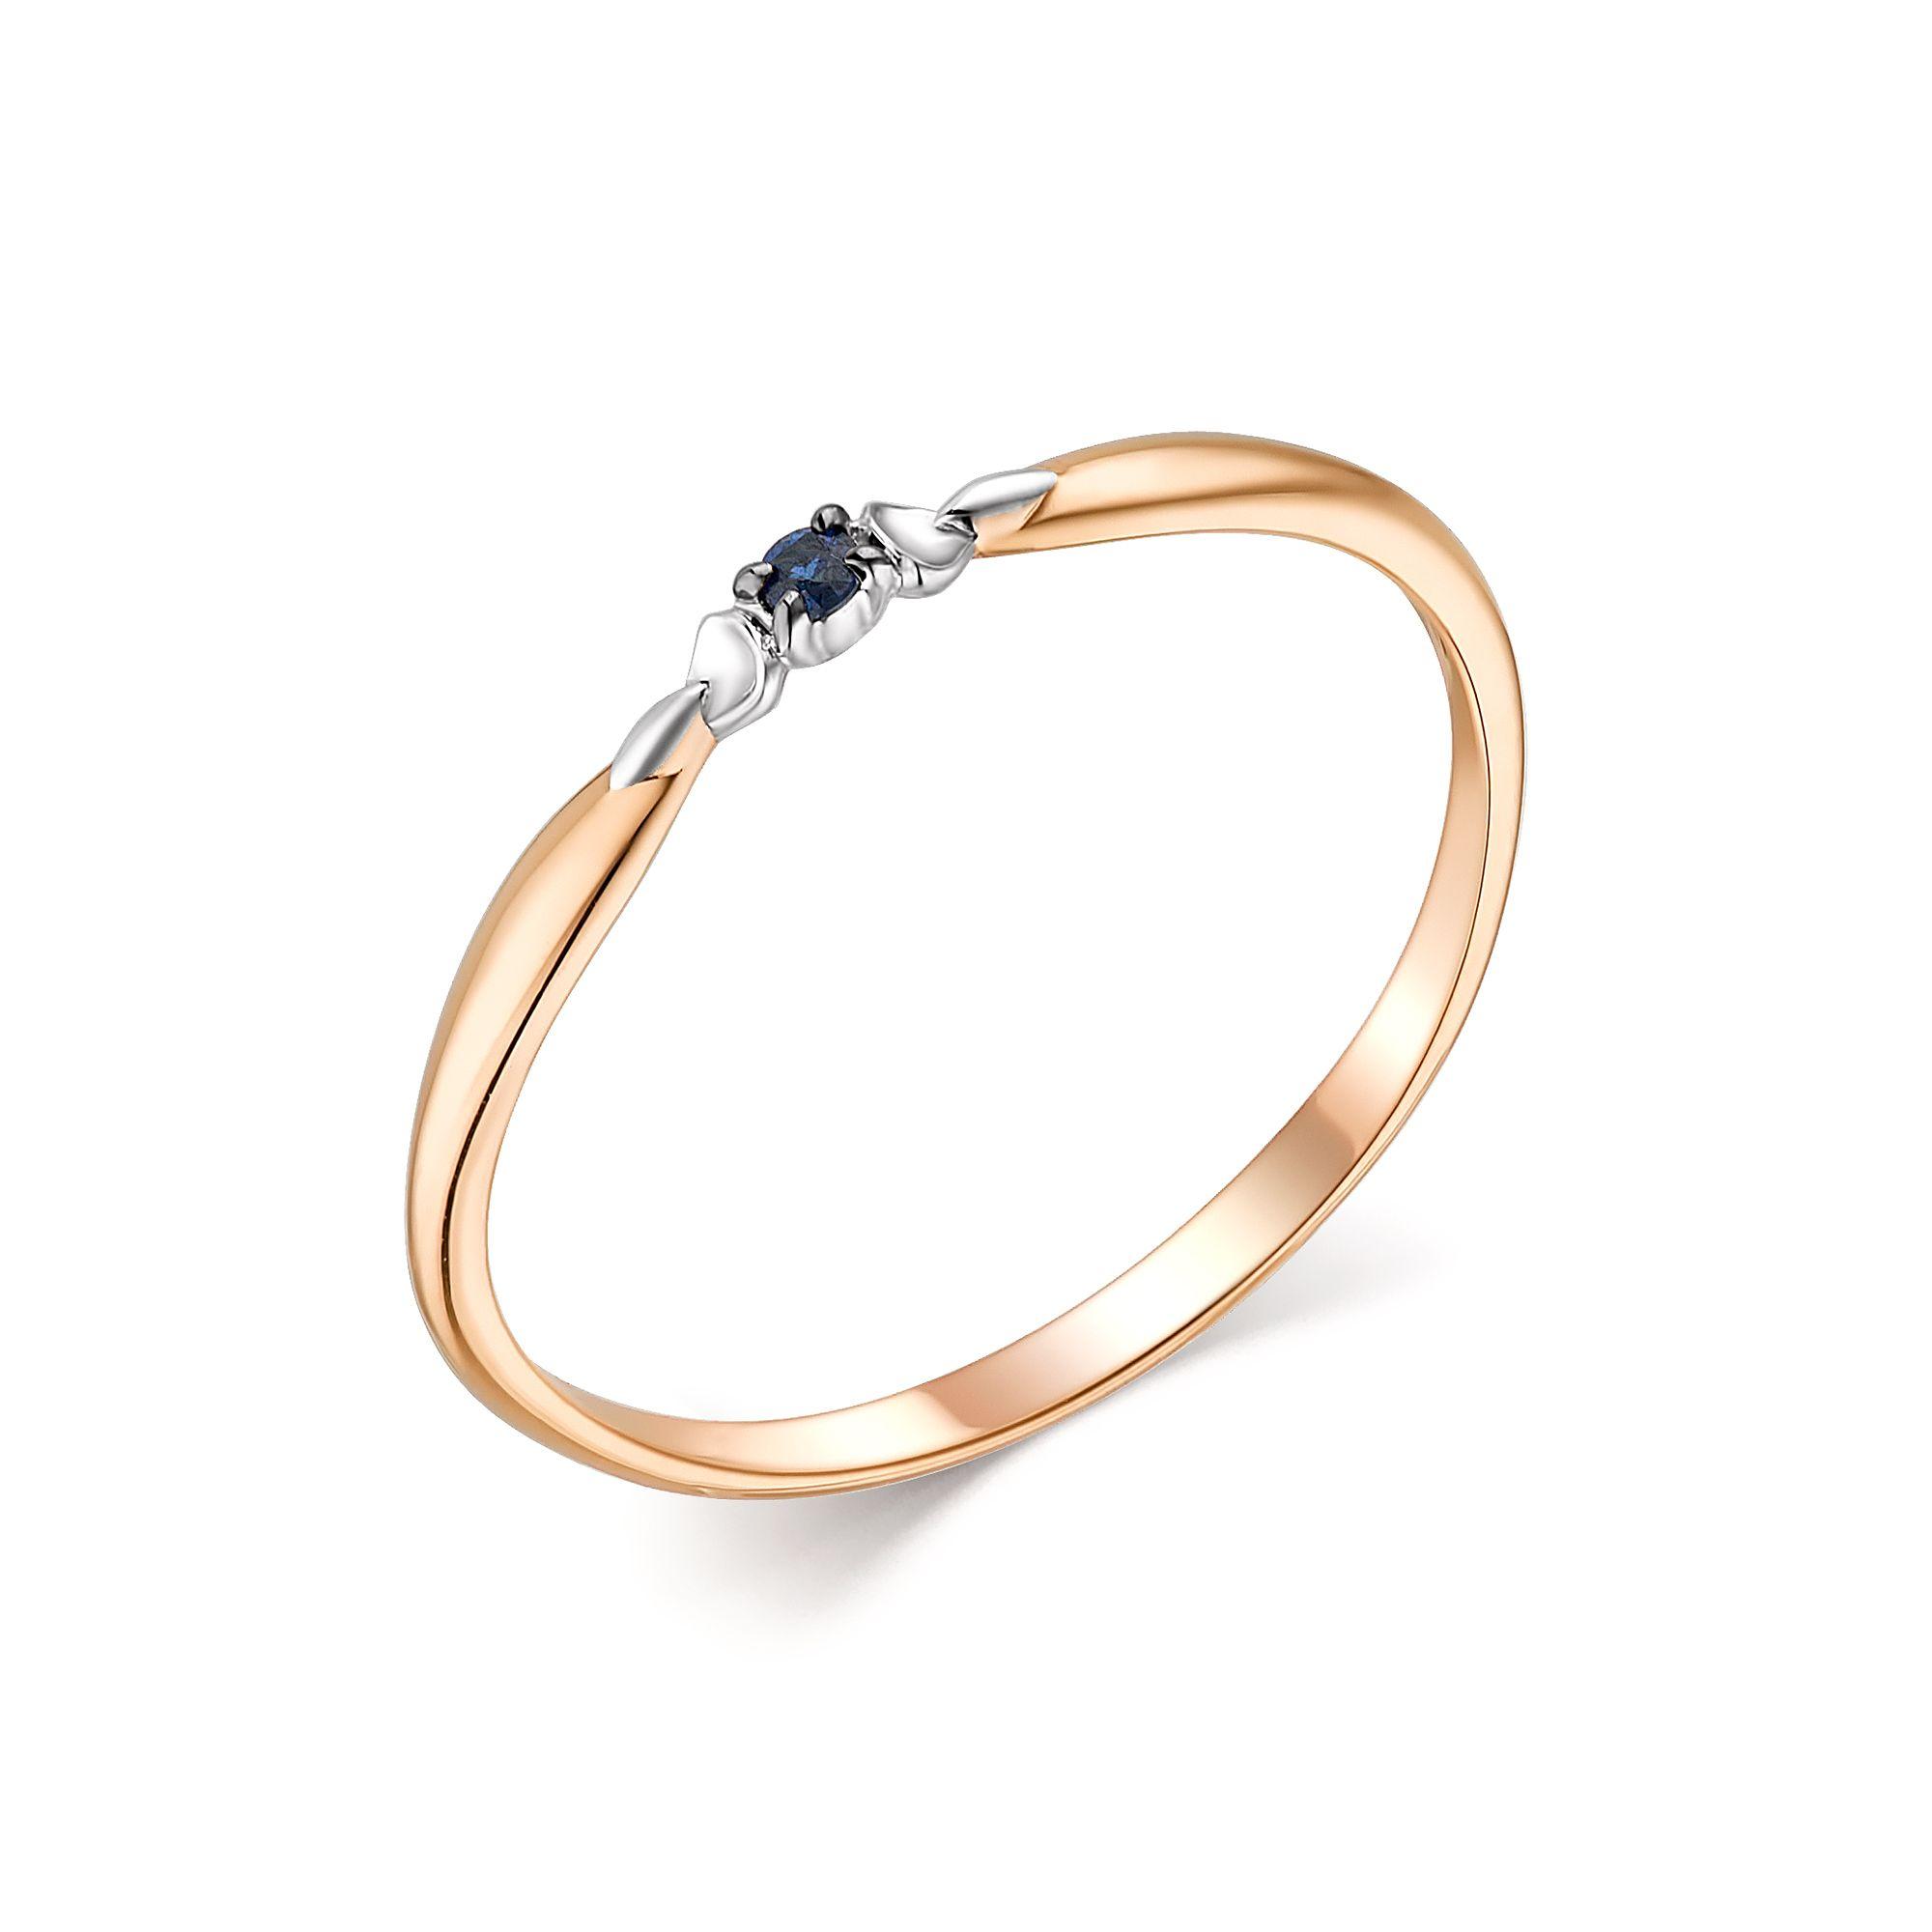 картинка кольцо 13802-102 1 сапфир  круг 0,018 1,5 2/2 13802-102